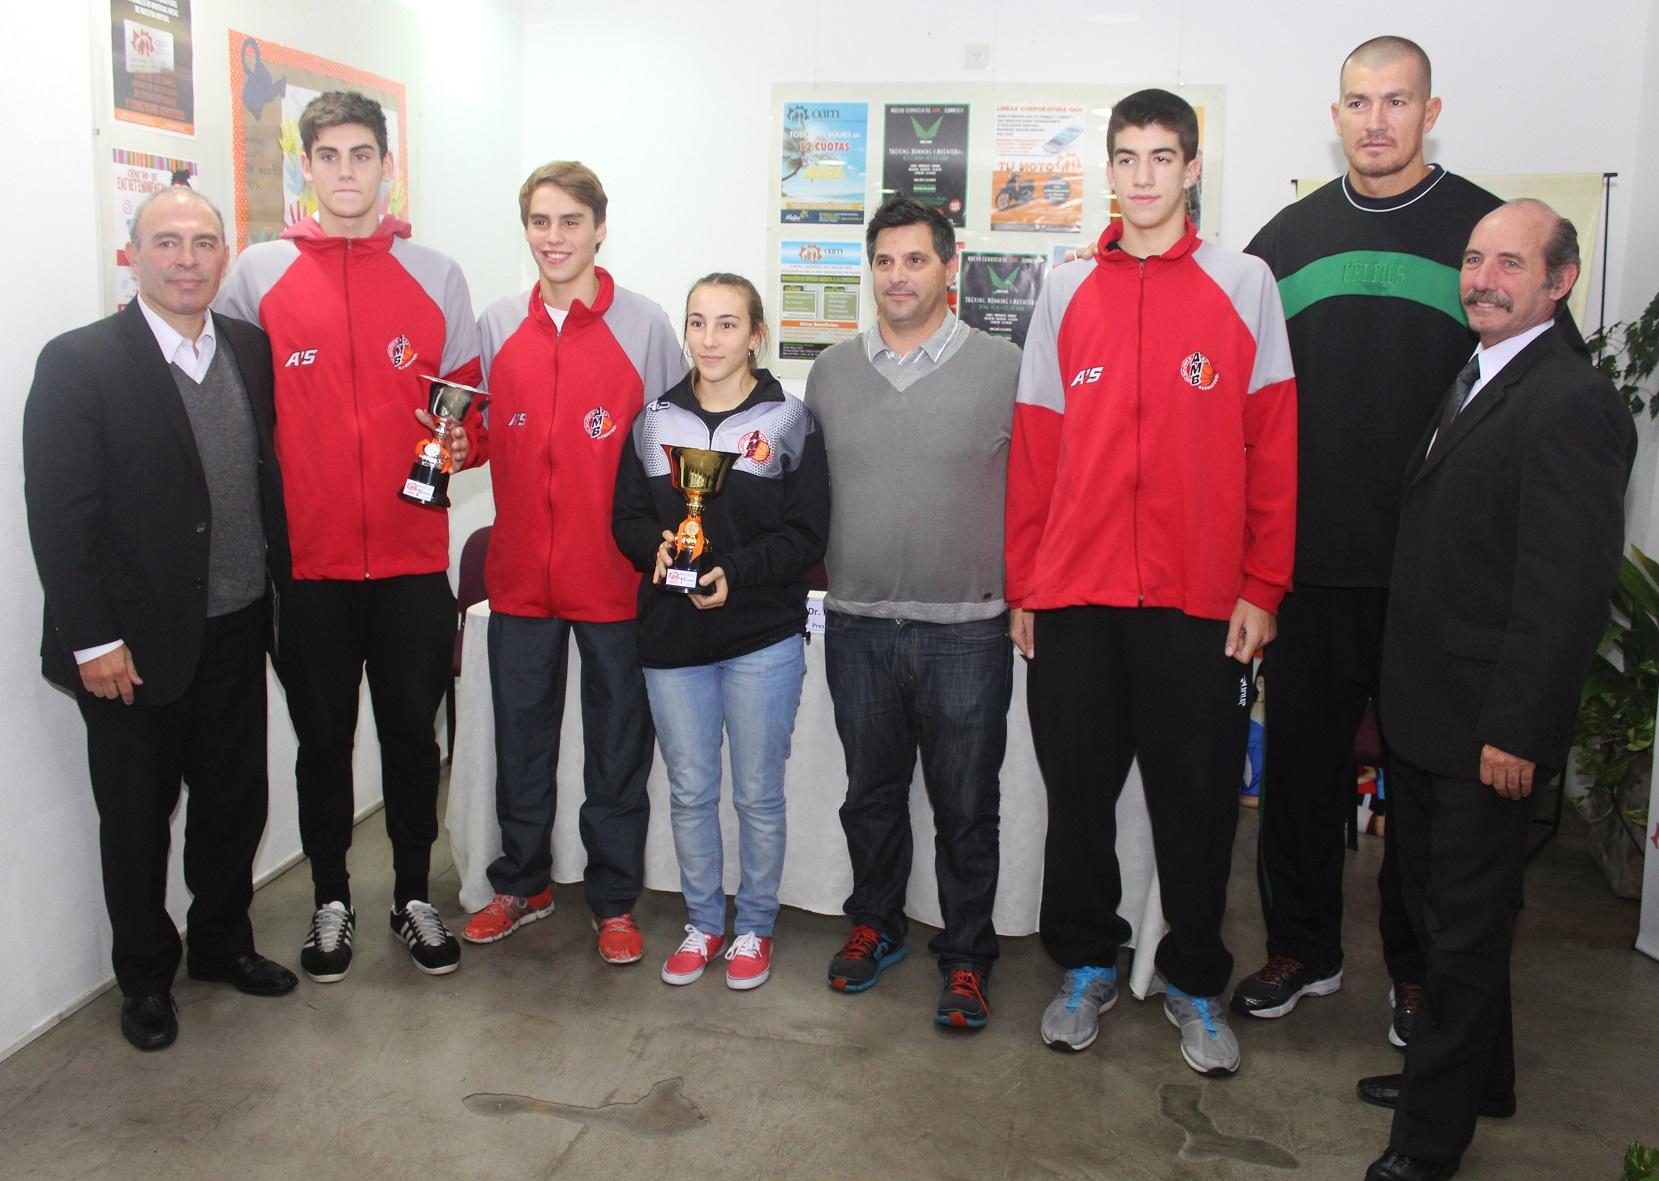 Con la presencia de autoridades y jugadores, se presentó  la Copa OAM de básquet.